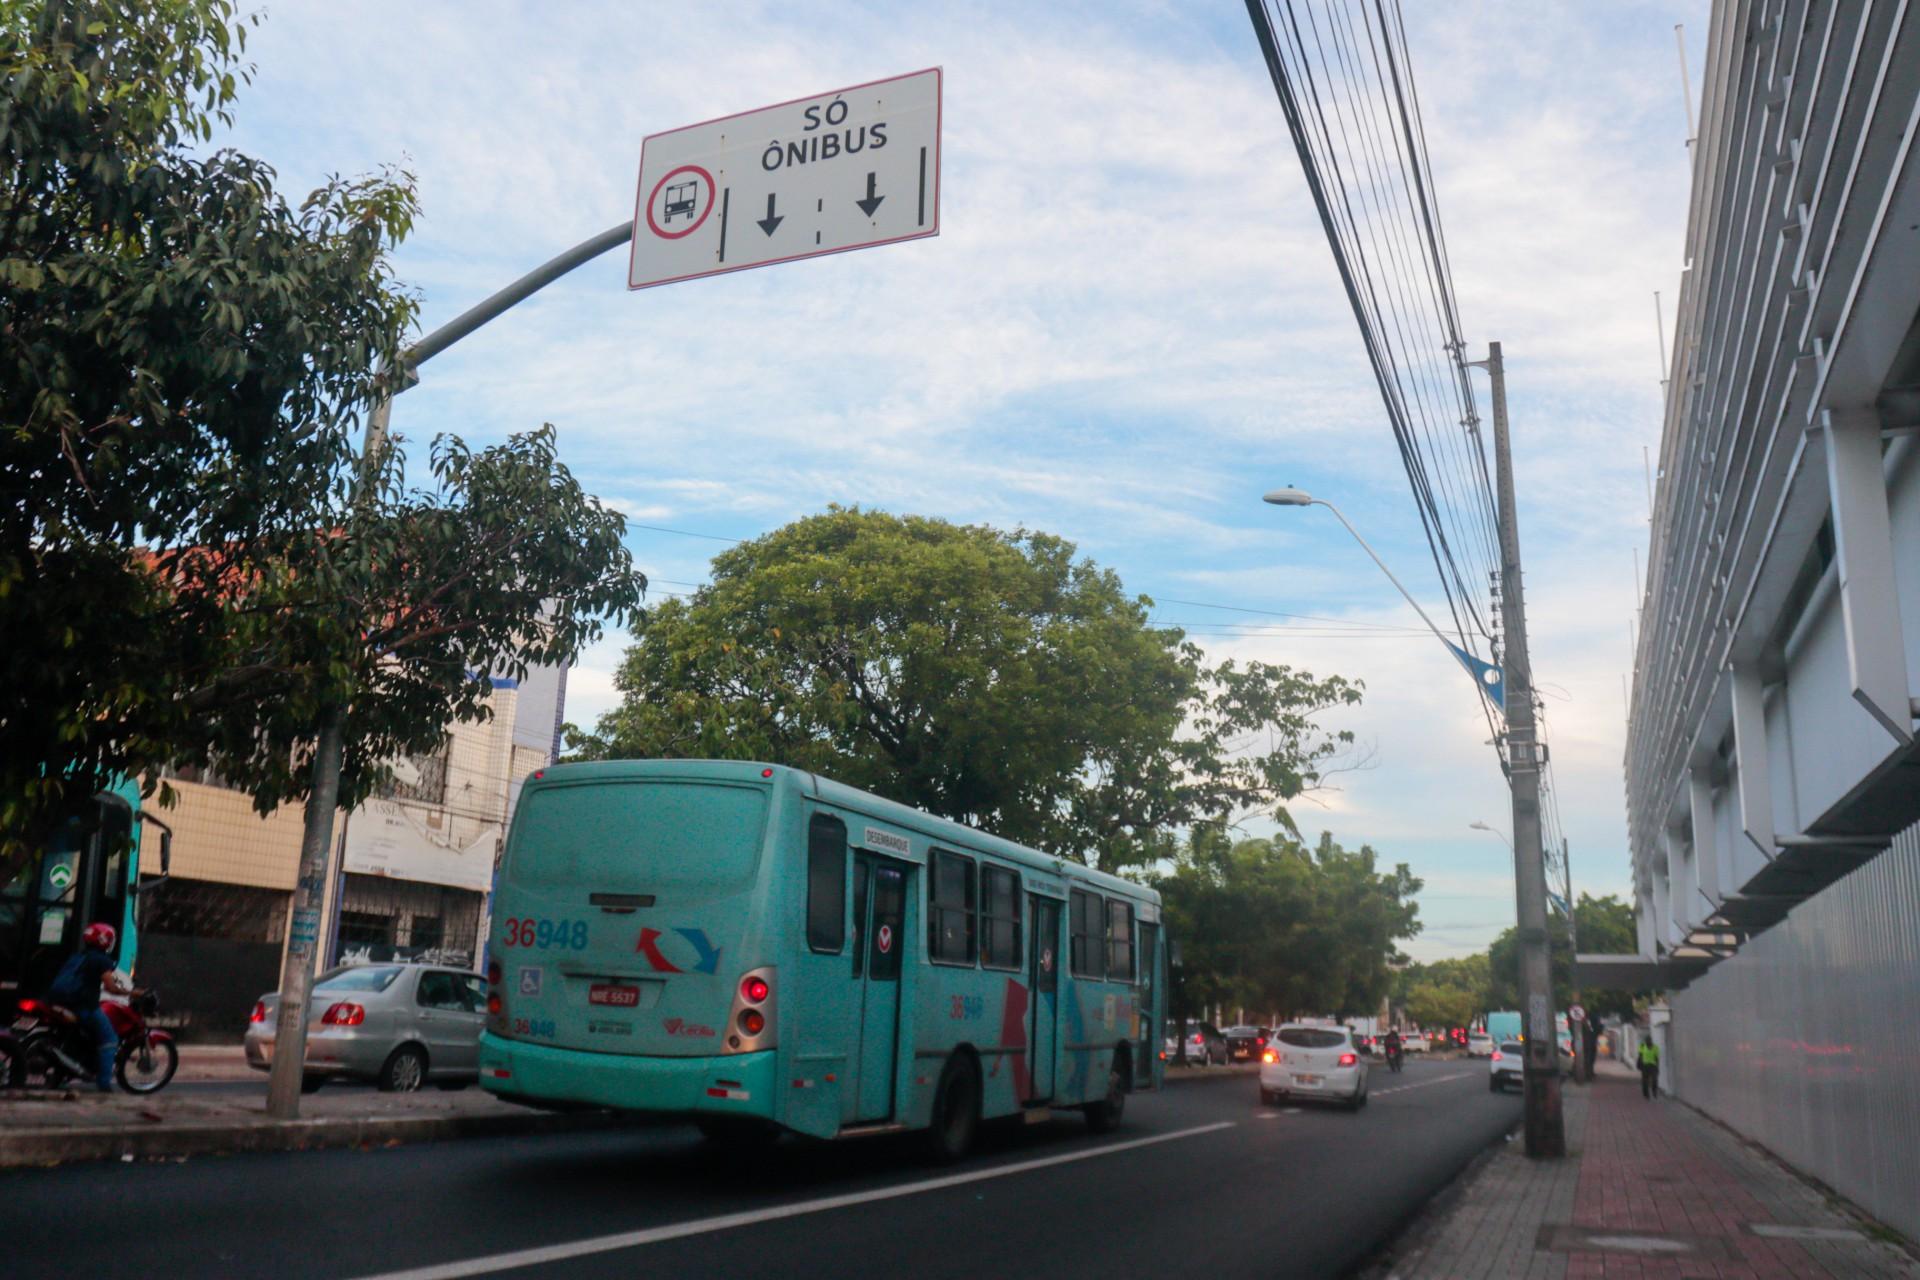 FAIXA exclusiva de ônibus beneficiará passageiros de 51 linhas